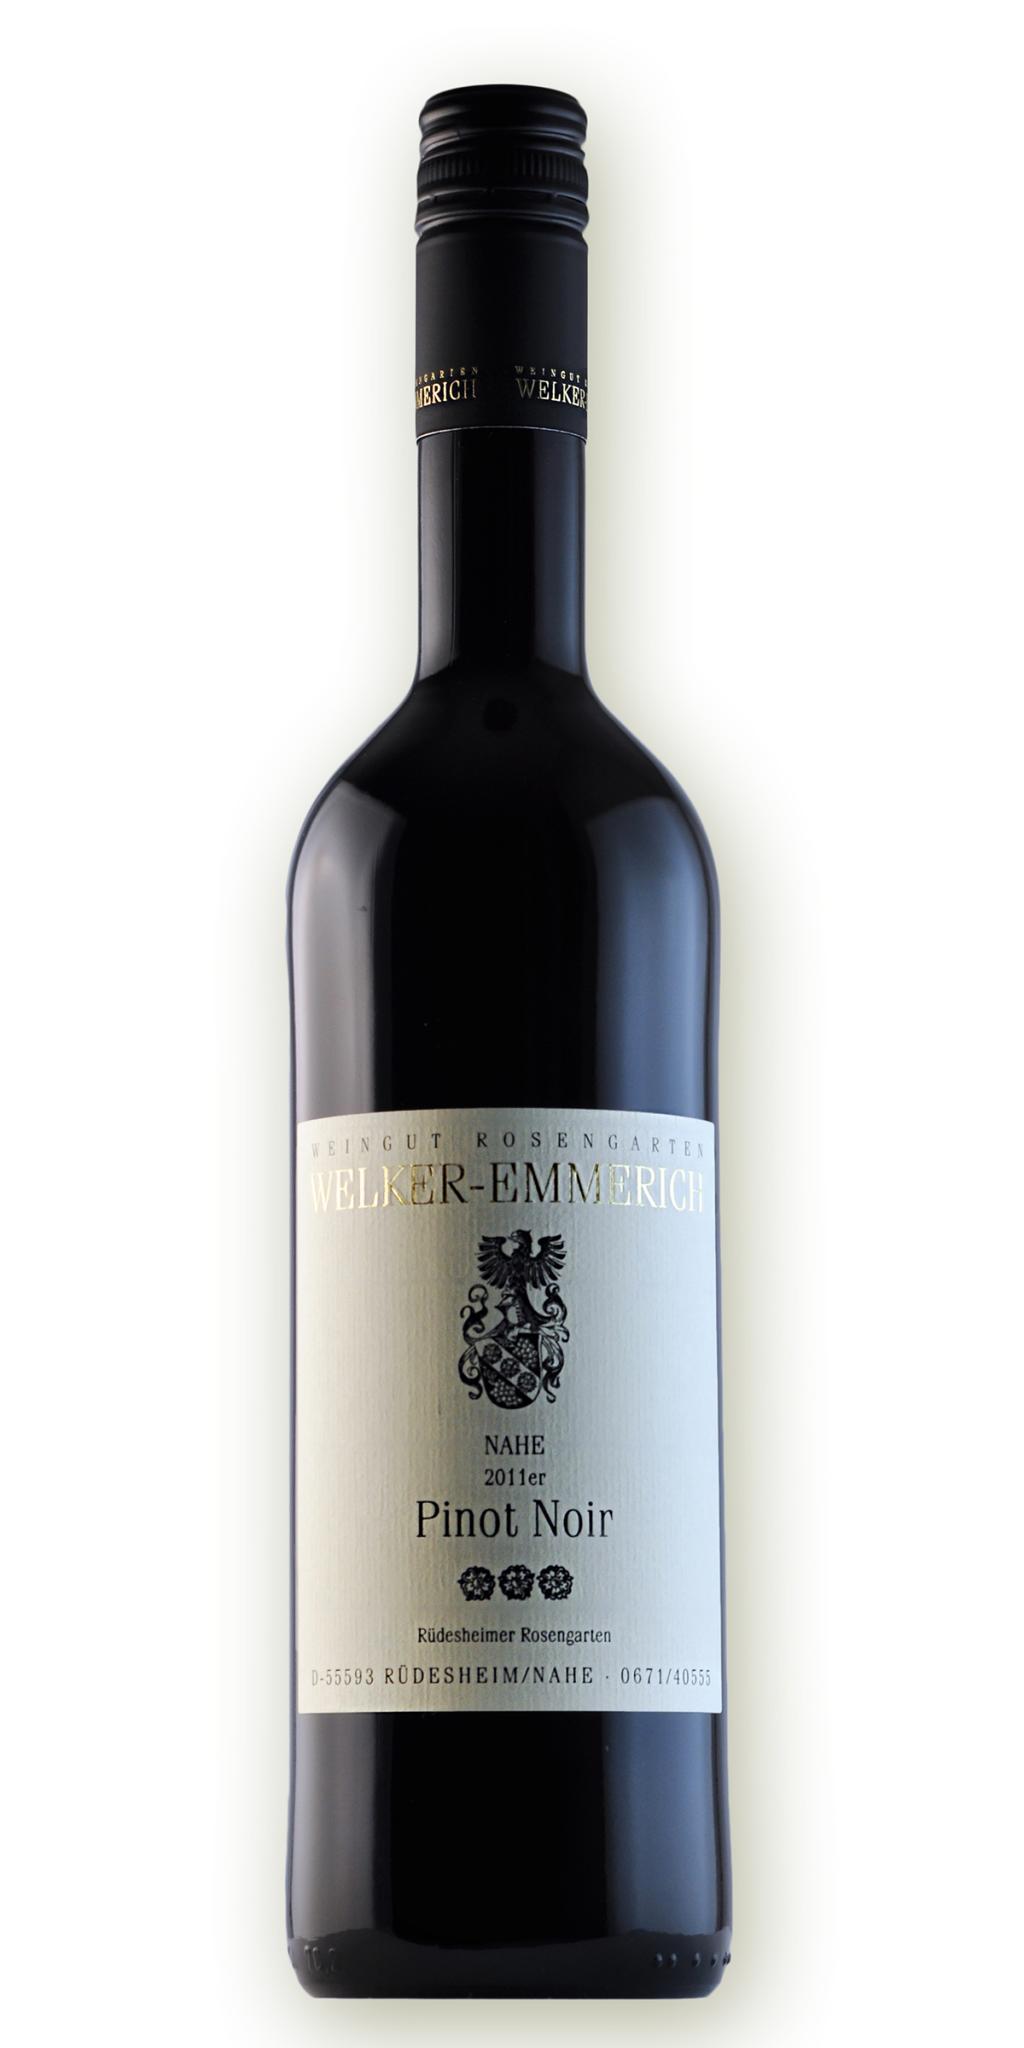 Pinot Noir - Edition 3 Rosen - 2015 / Welker-Emmerich